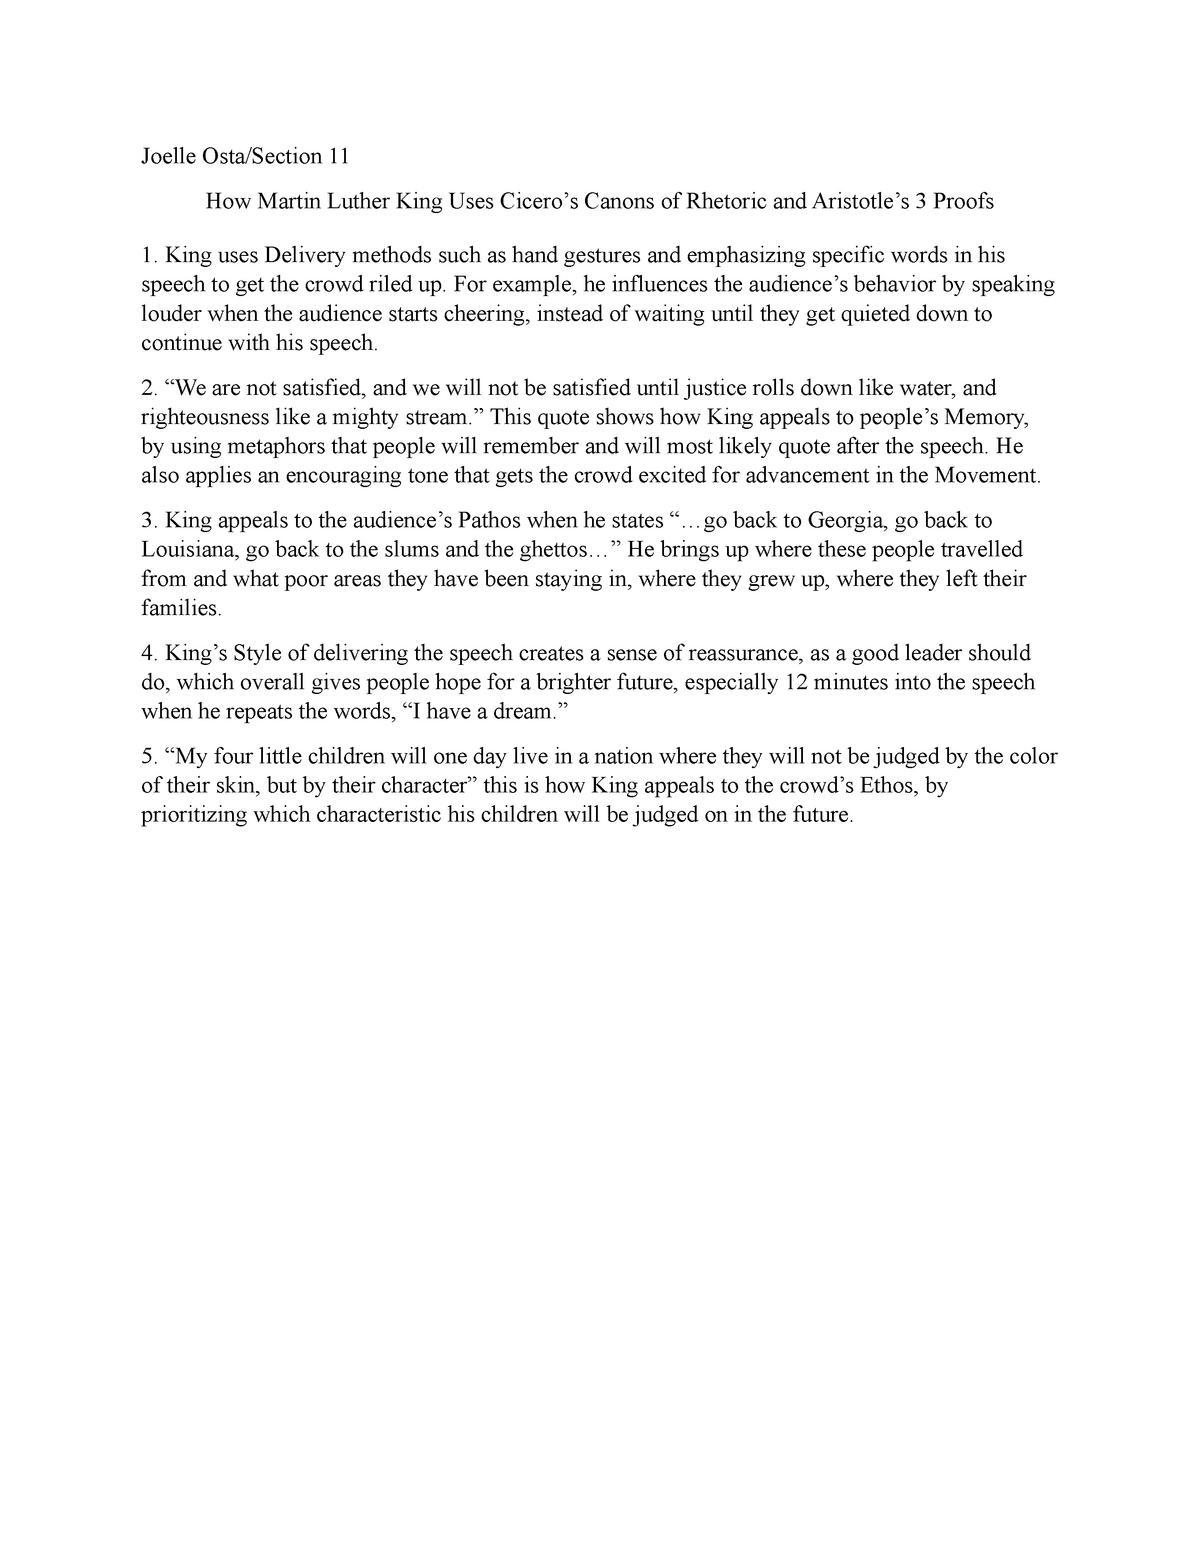 MLK Human Com speech reflection - COM 1100 : Human